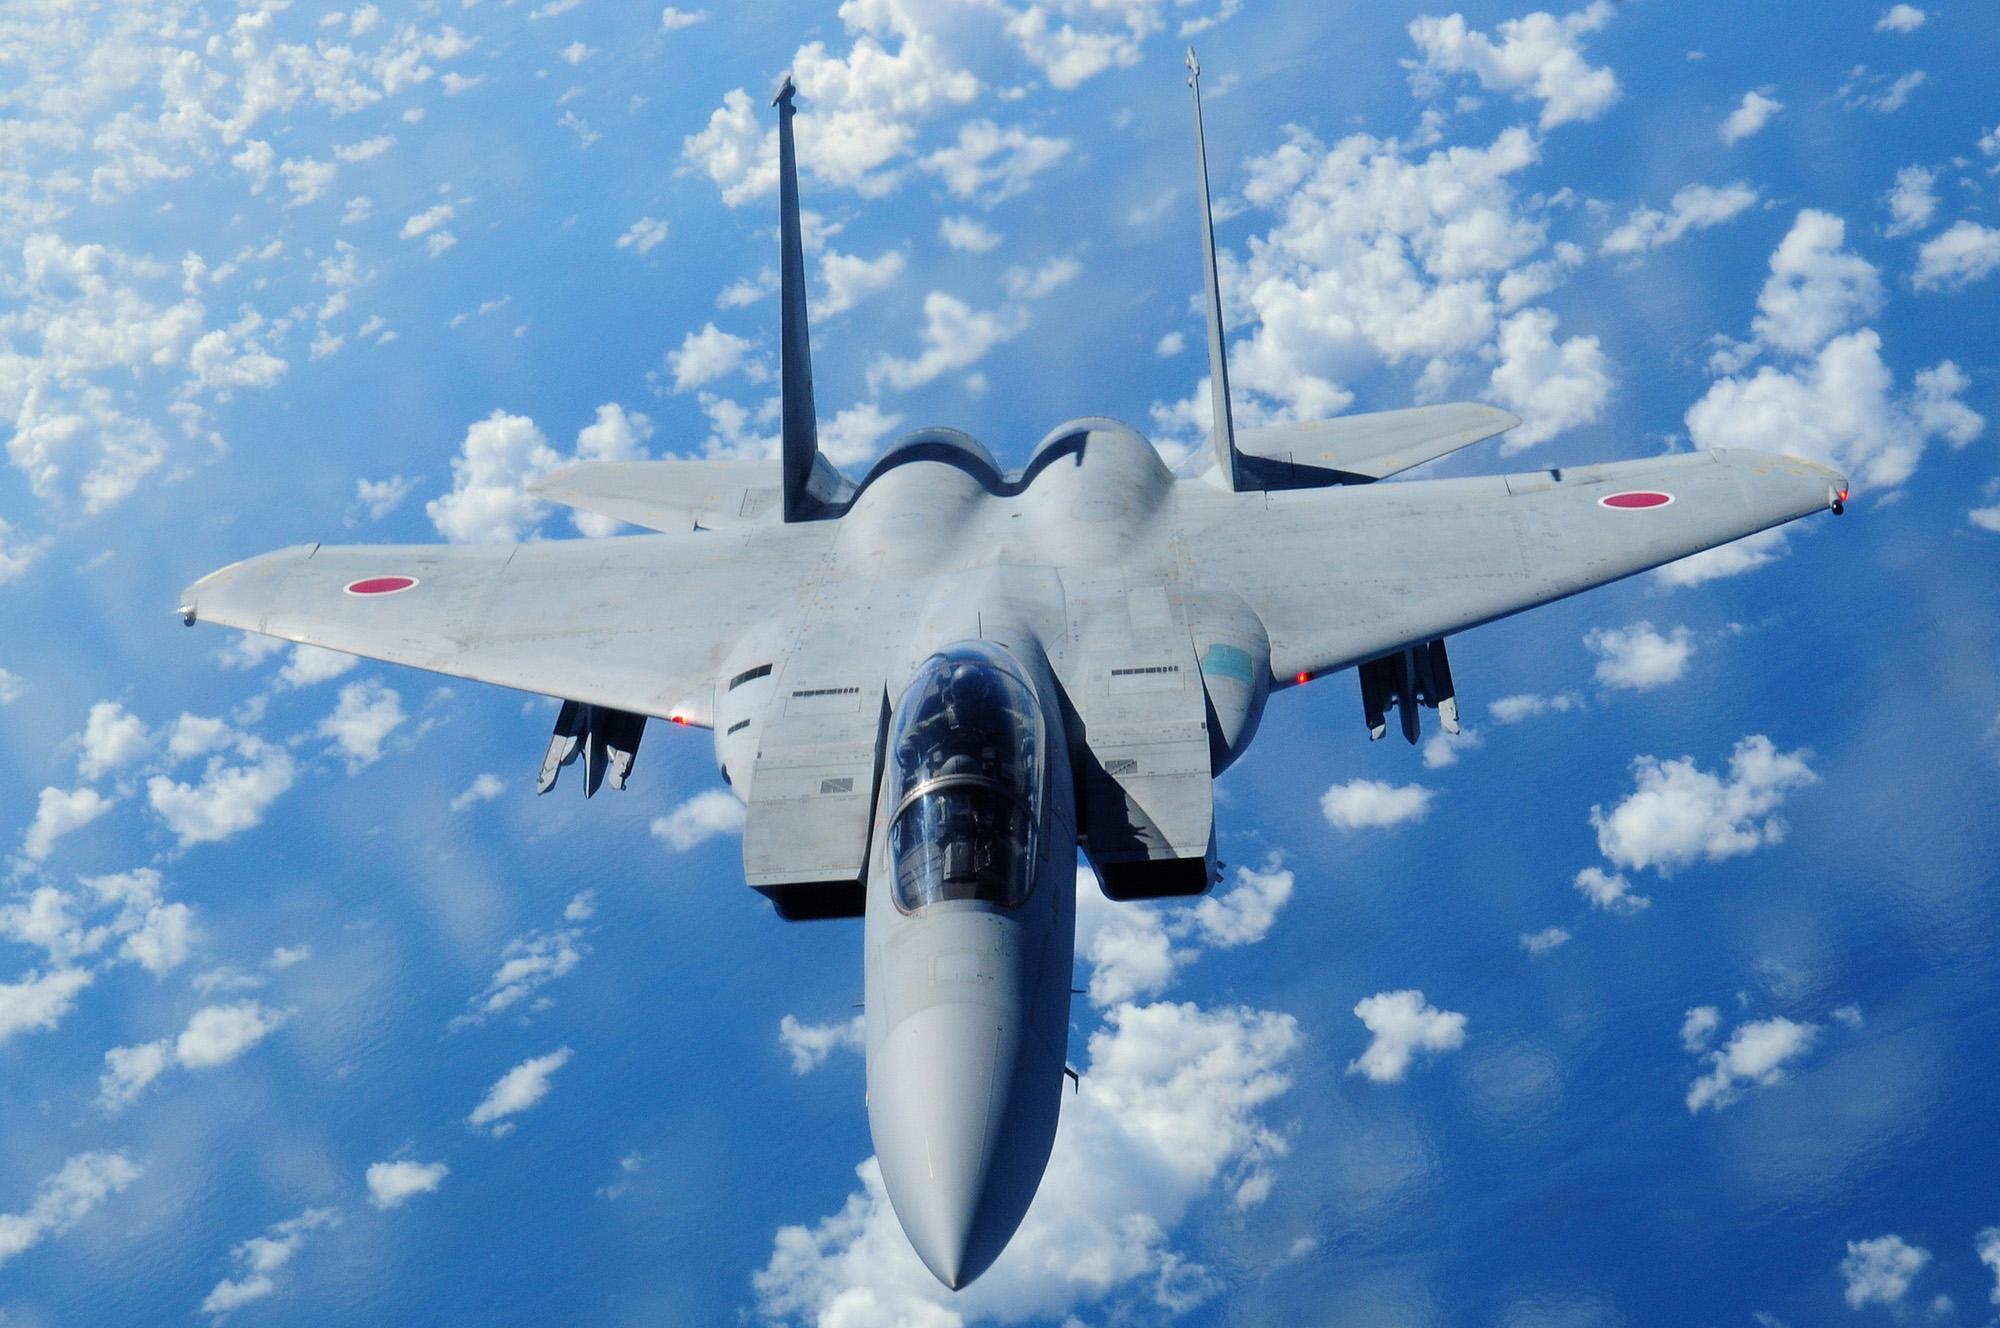 اليابان تدرس إدخال مقاتلات بدون طيار لخفض تكلفة التطوير العسكرى